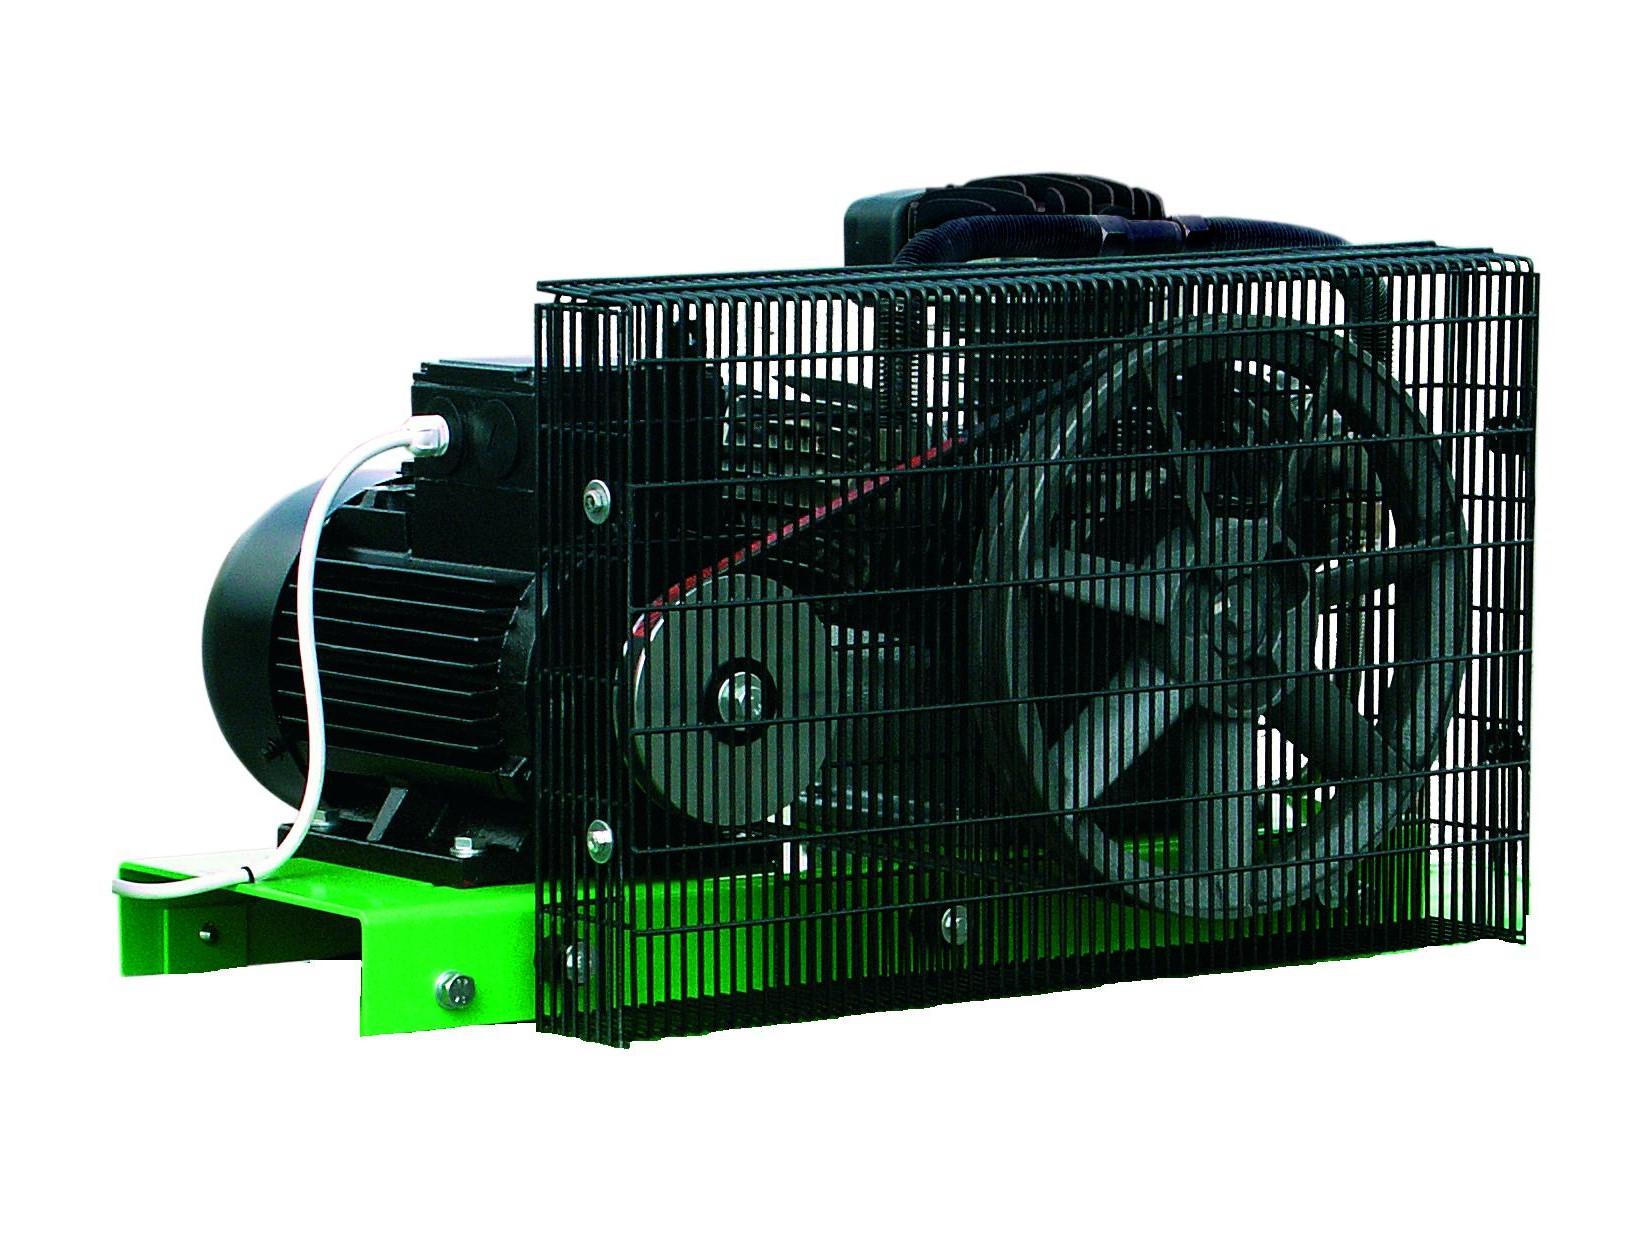 Atmos Pístový kompresor Perfect - 7,5PFT